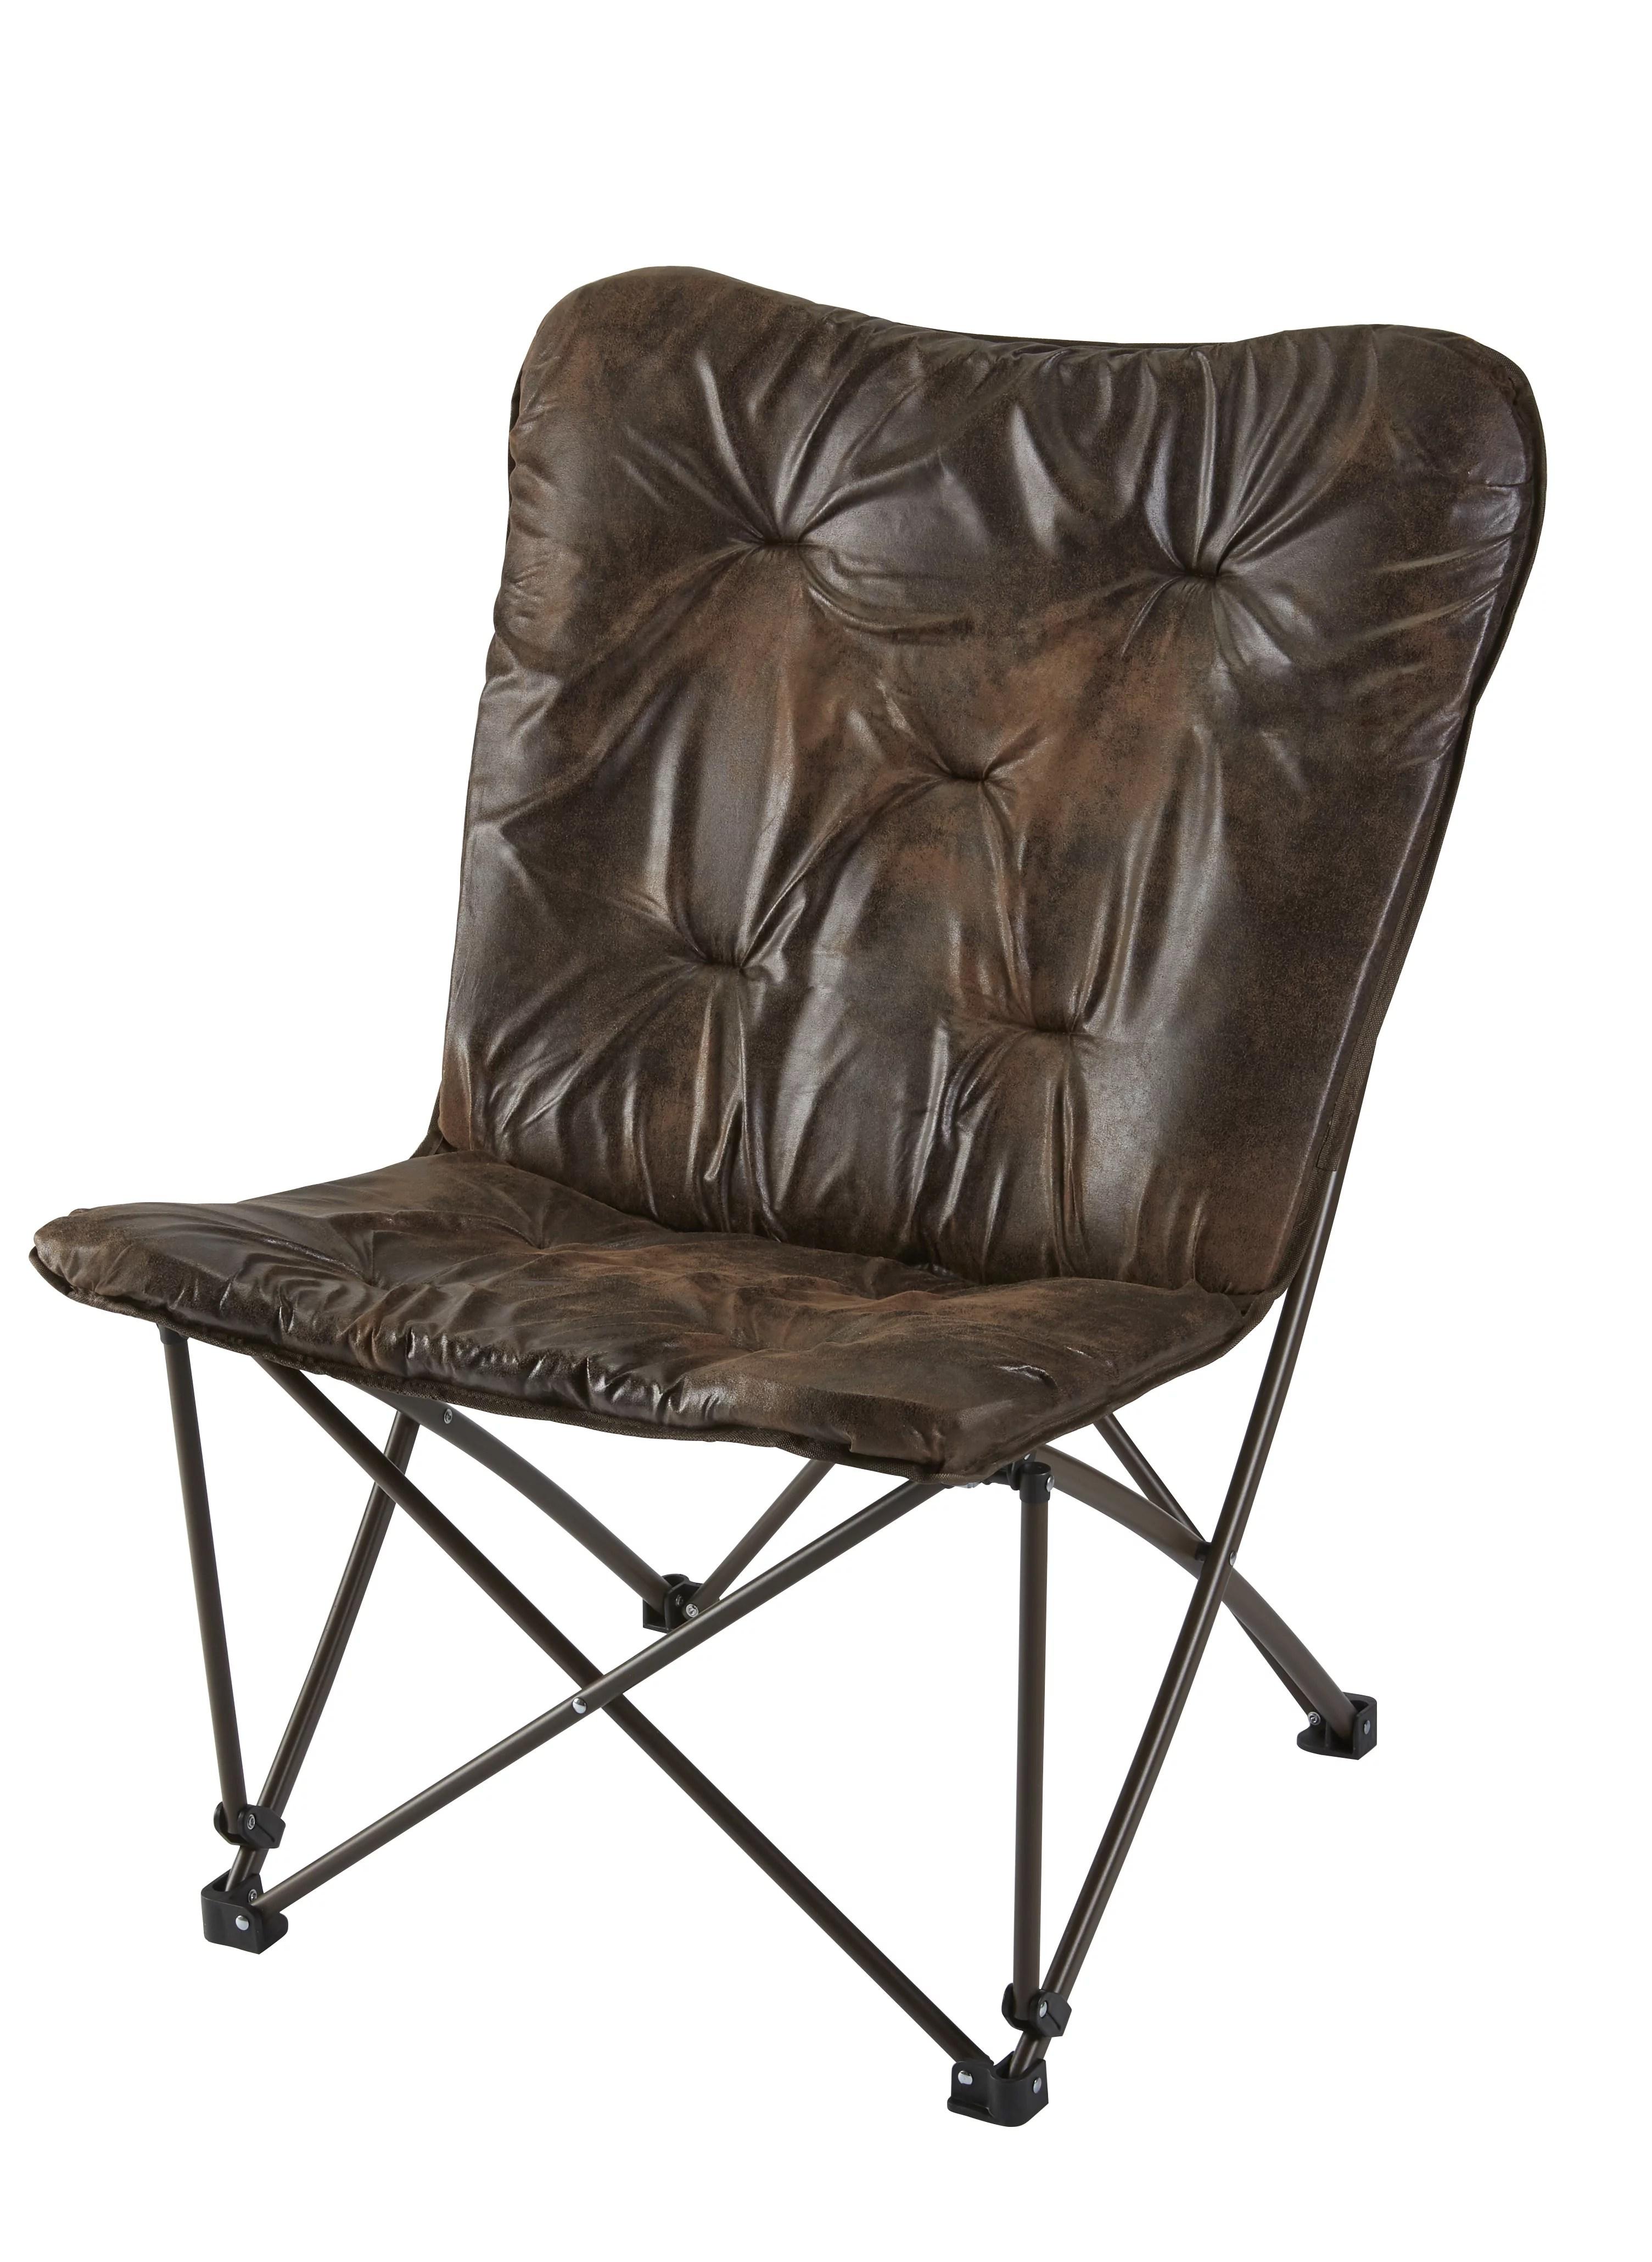 Mainstays Memory Foam Folding Butterfly Lounge Chair